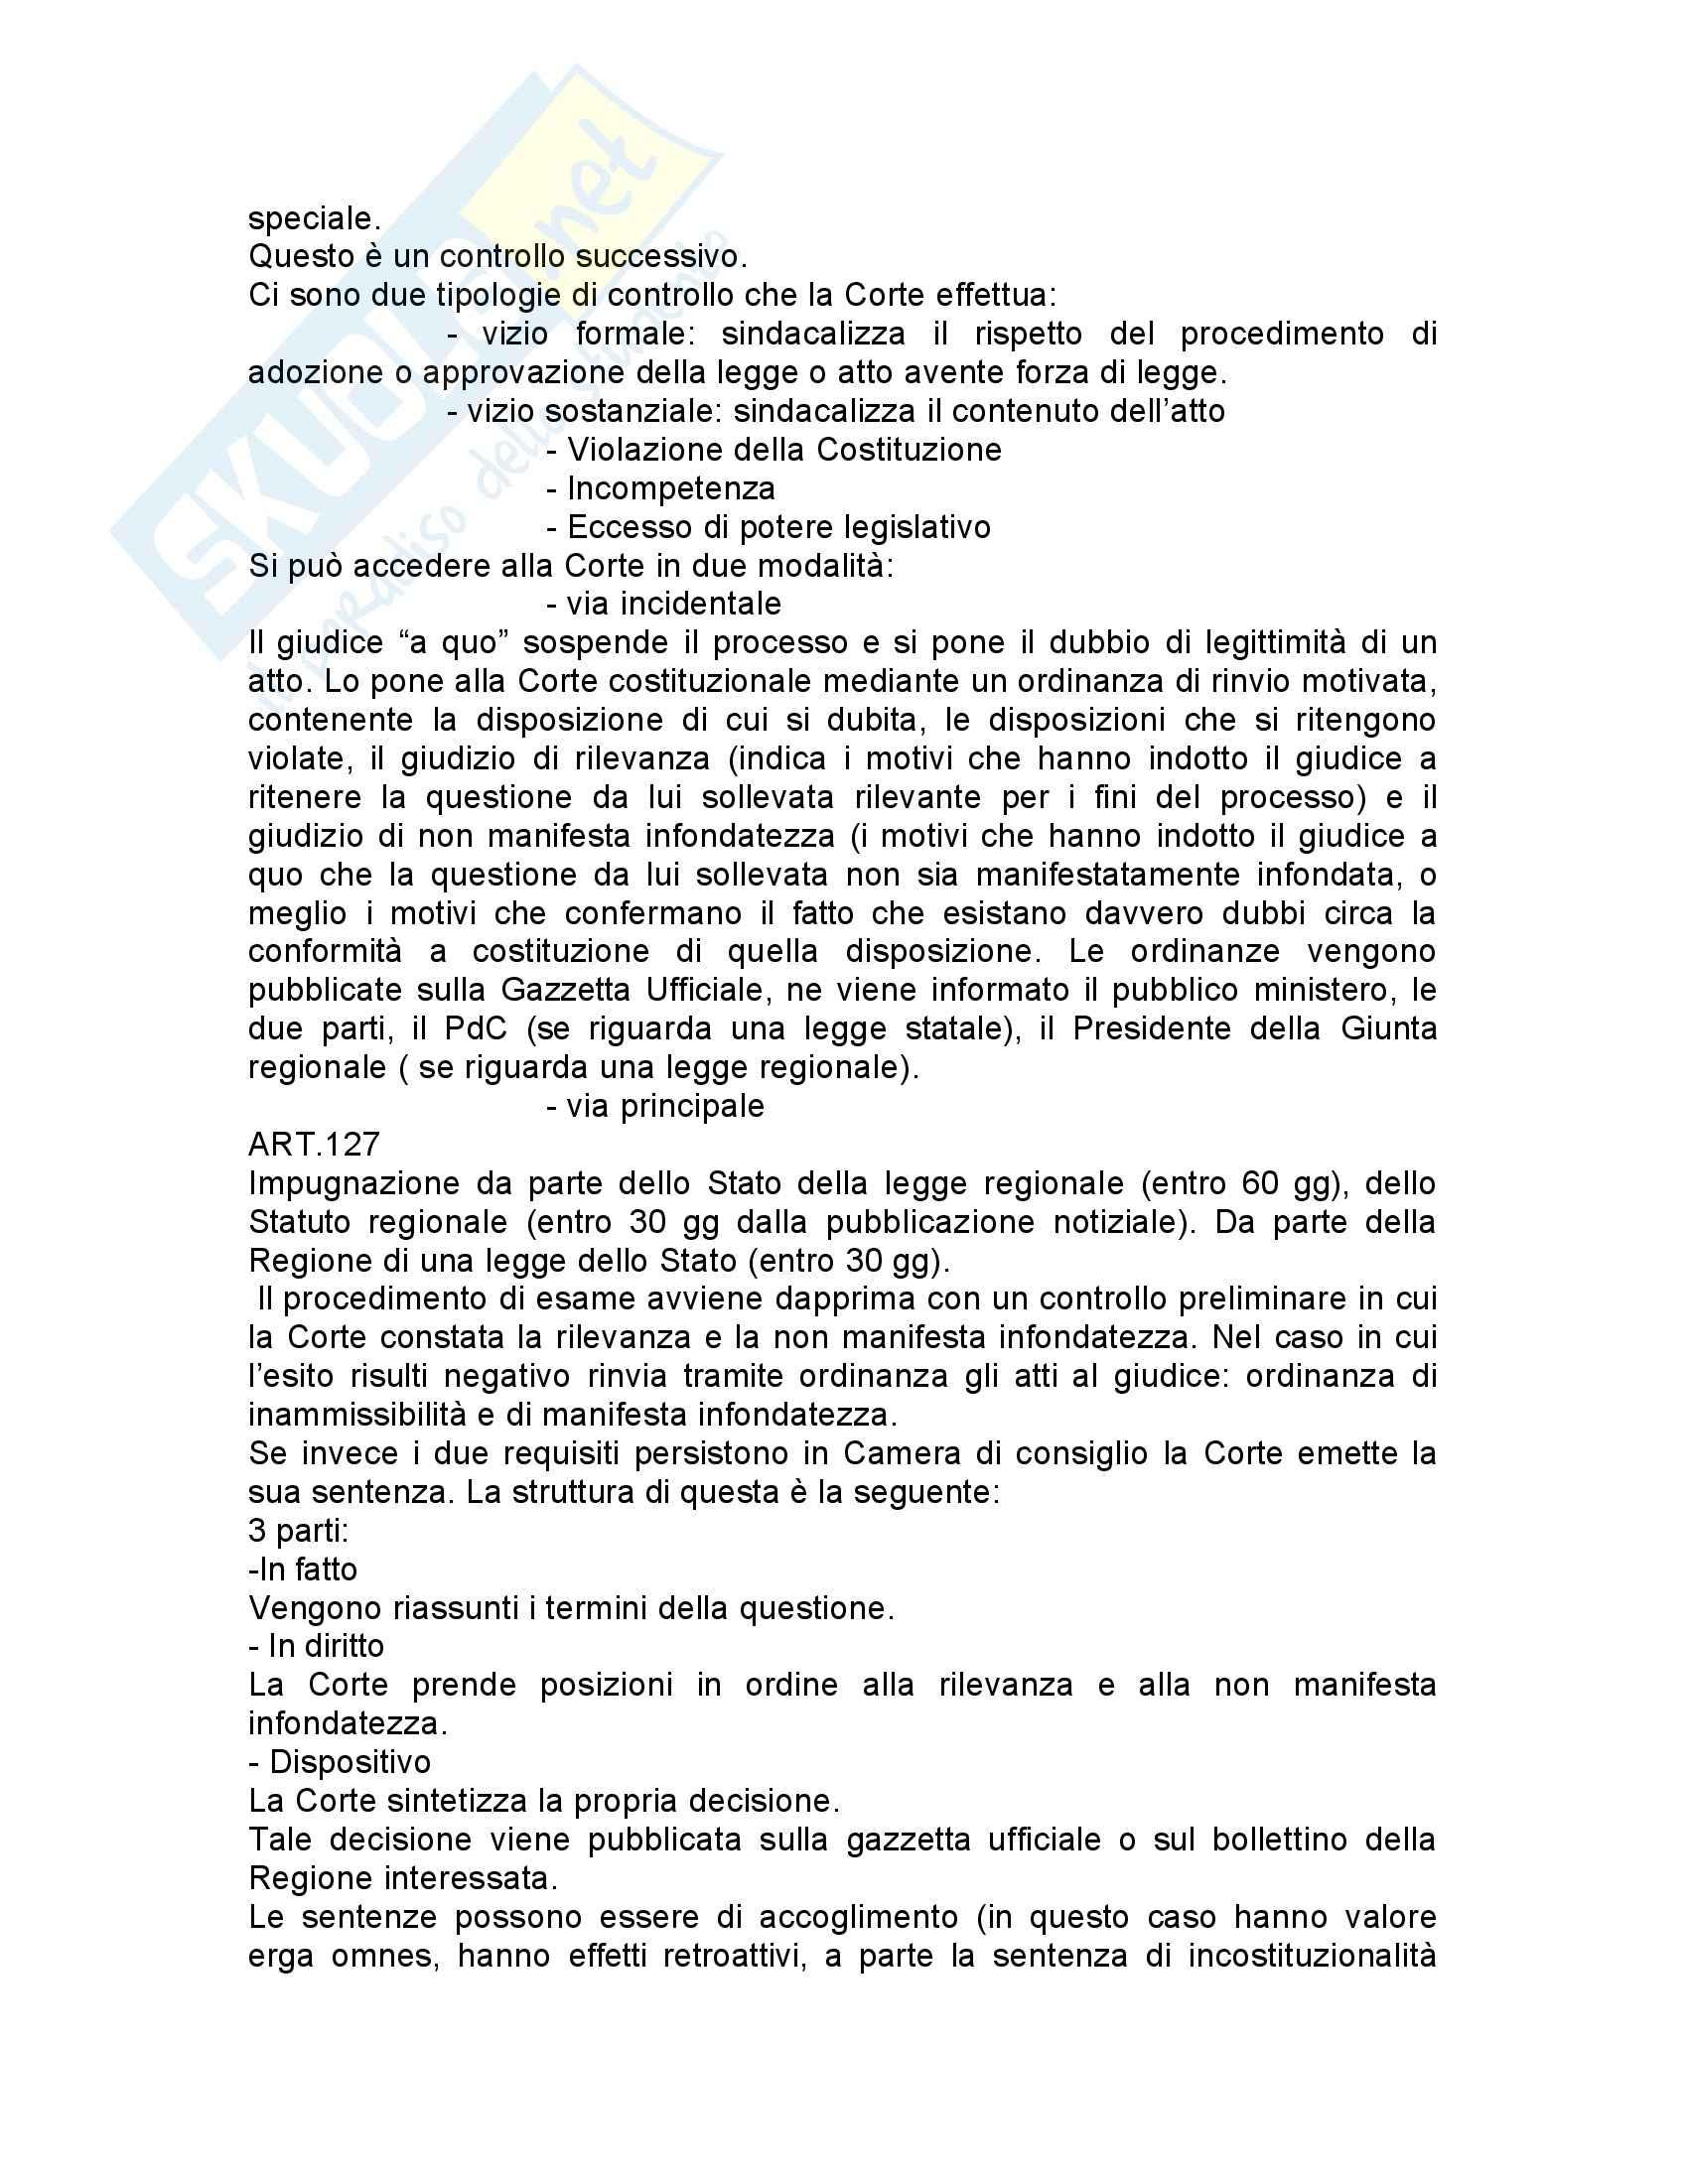 Diritto costituzionale italiano - nozioni generali Pag. 51